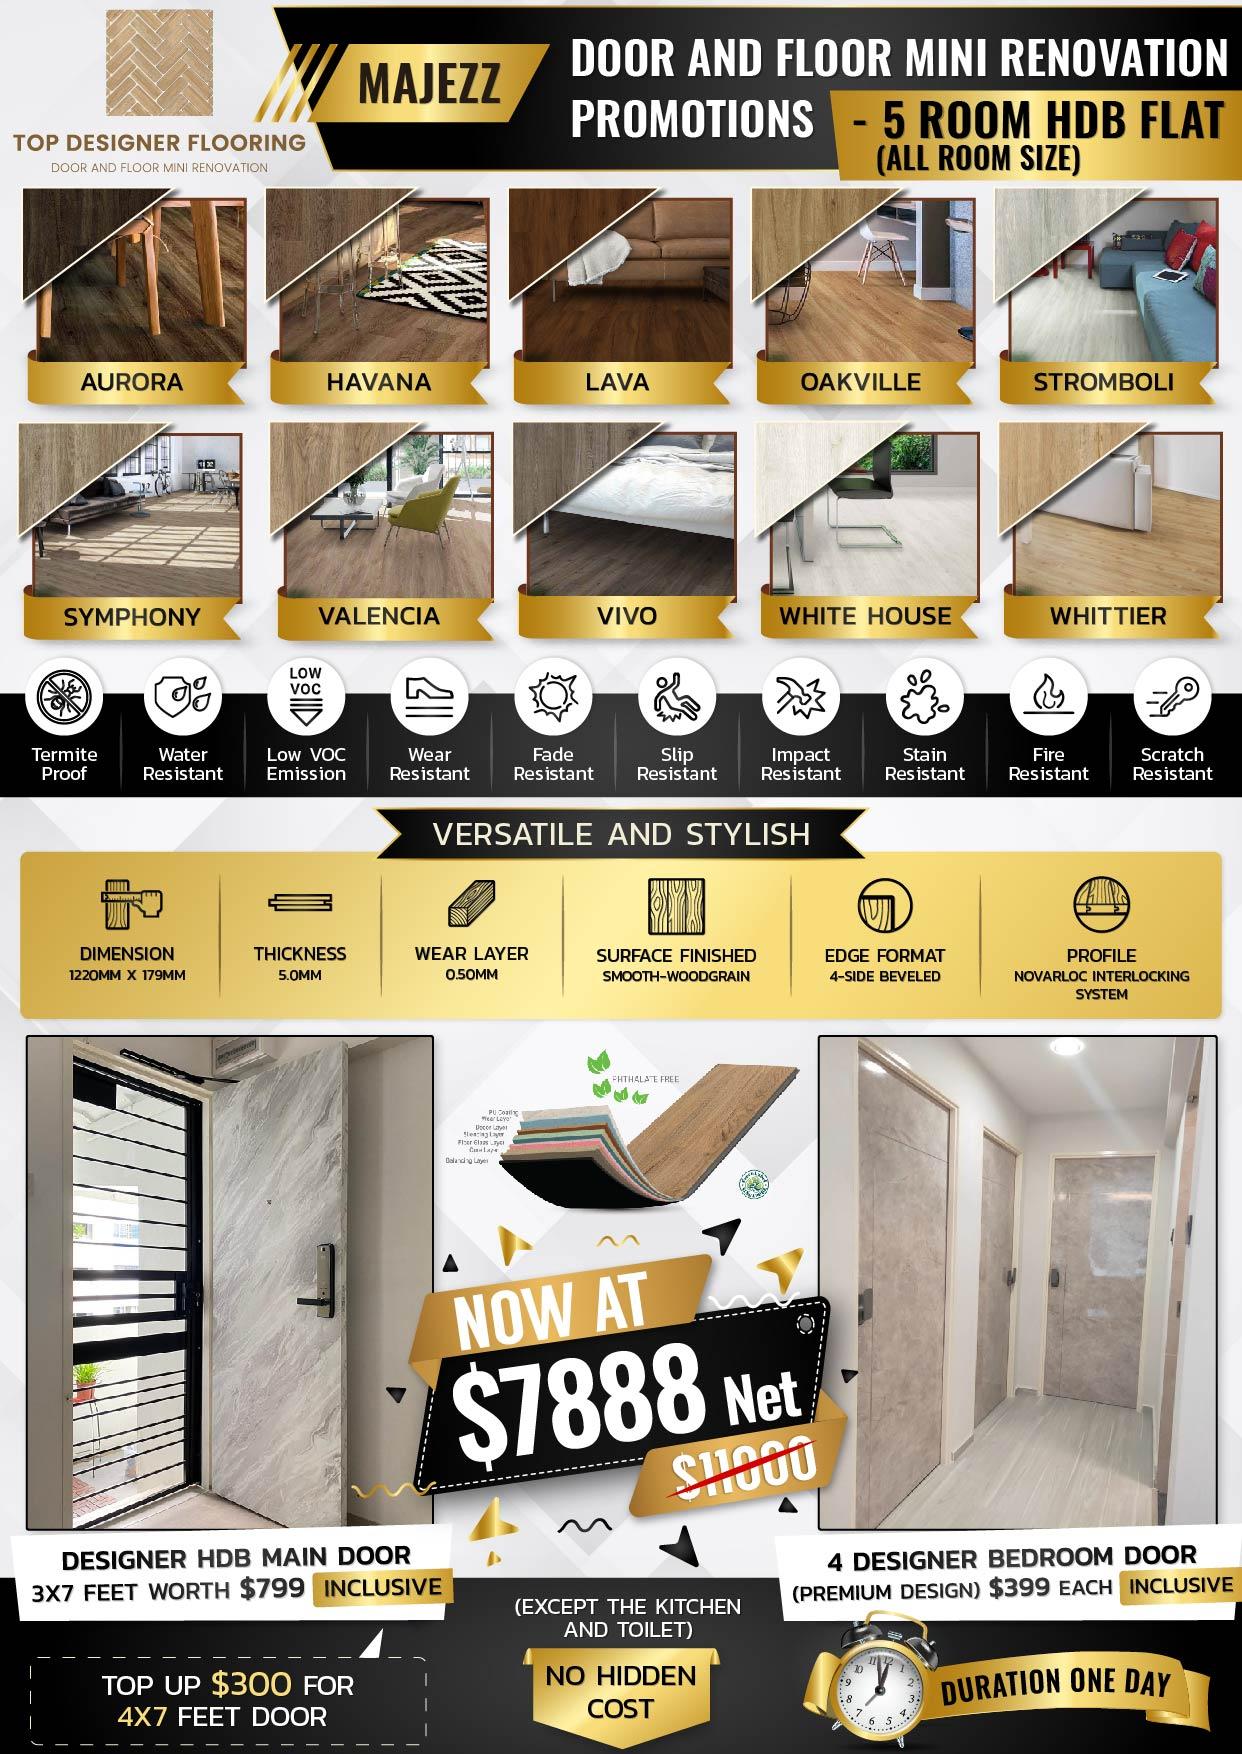 Majezz - 5 Room HDB Flat